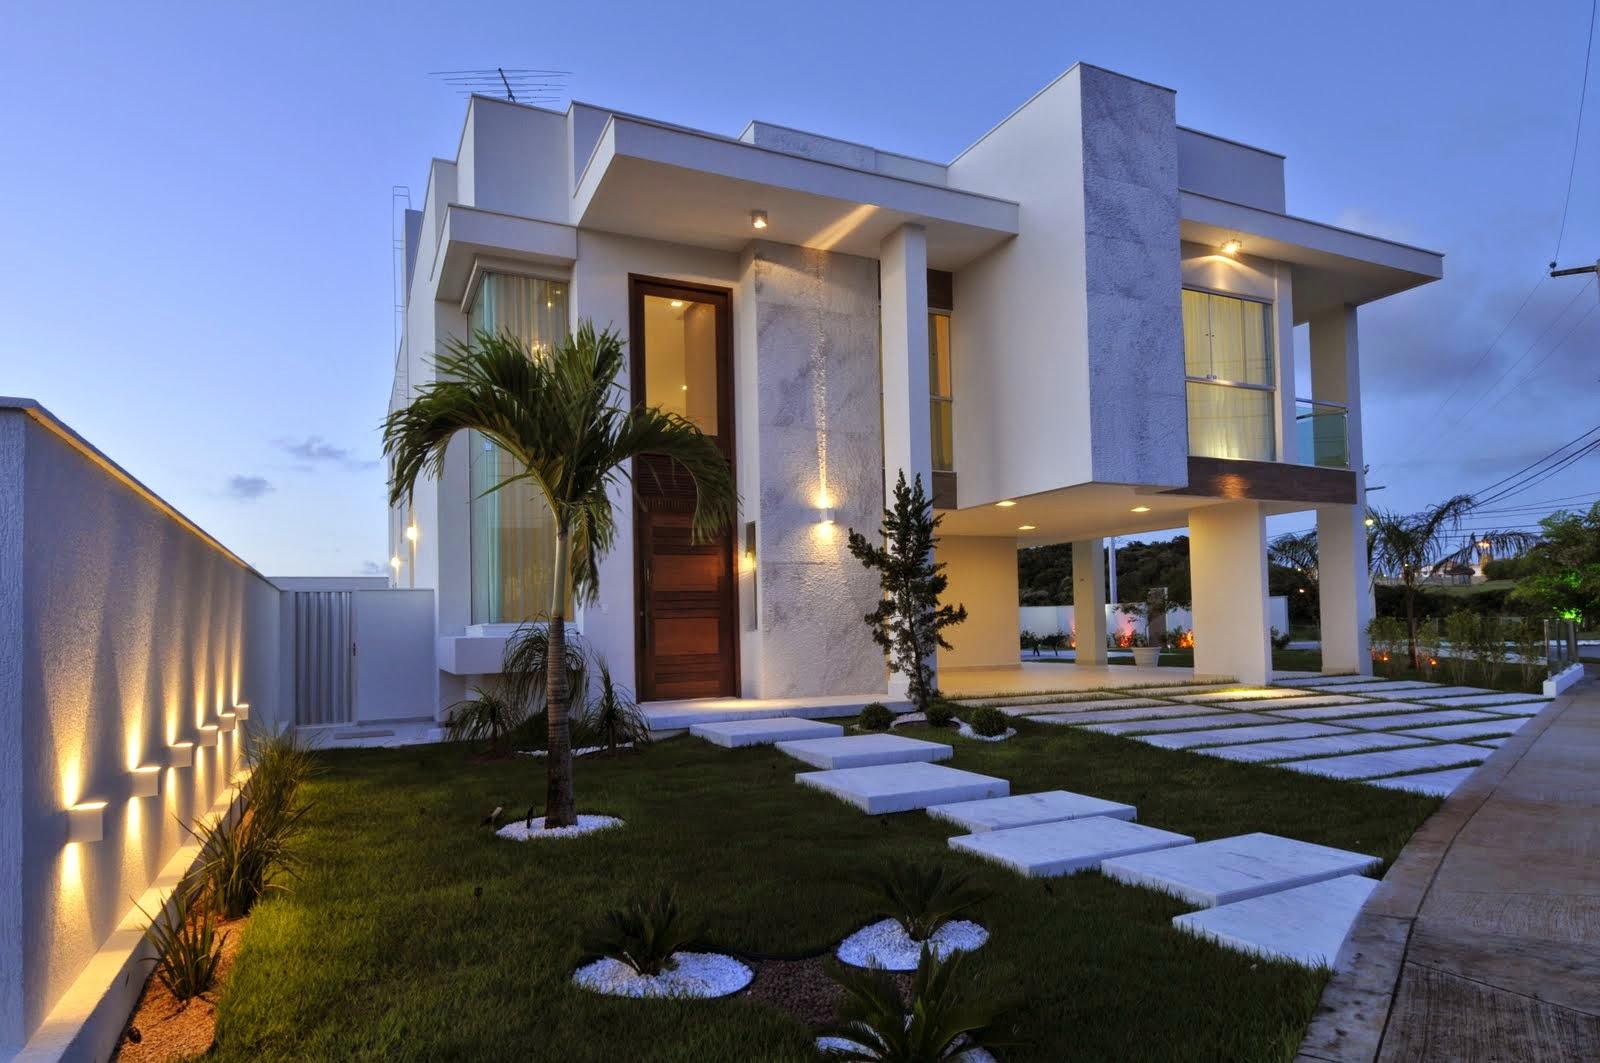 Fachadas modernas linhas retas e simplicidade celina for Fachadas de casas interiores